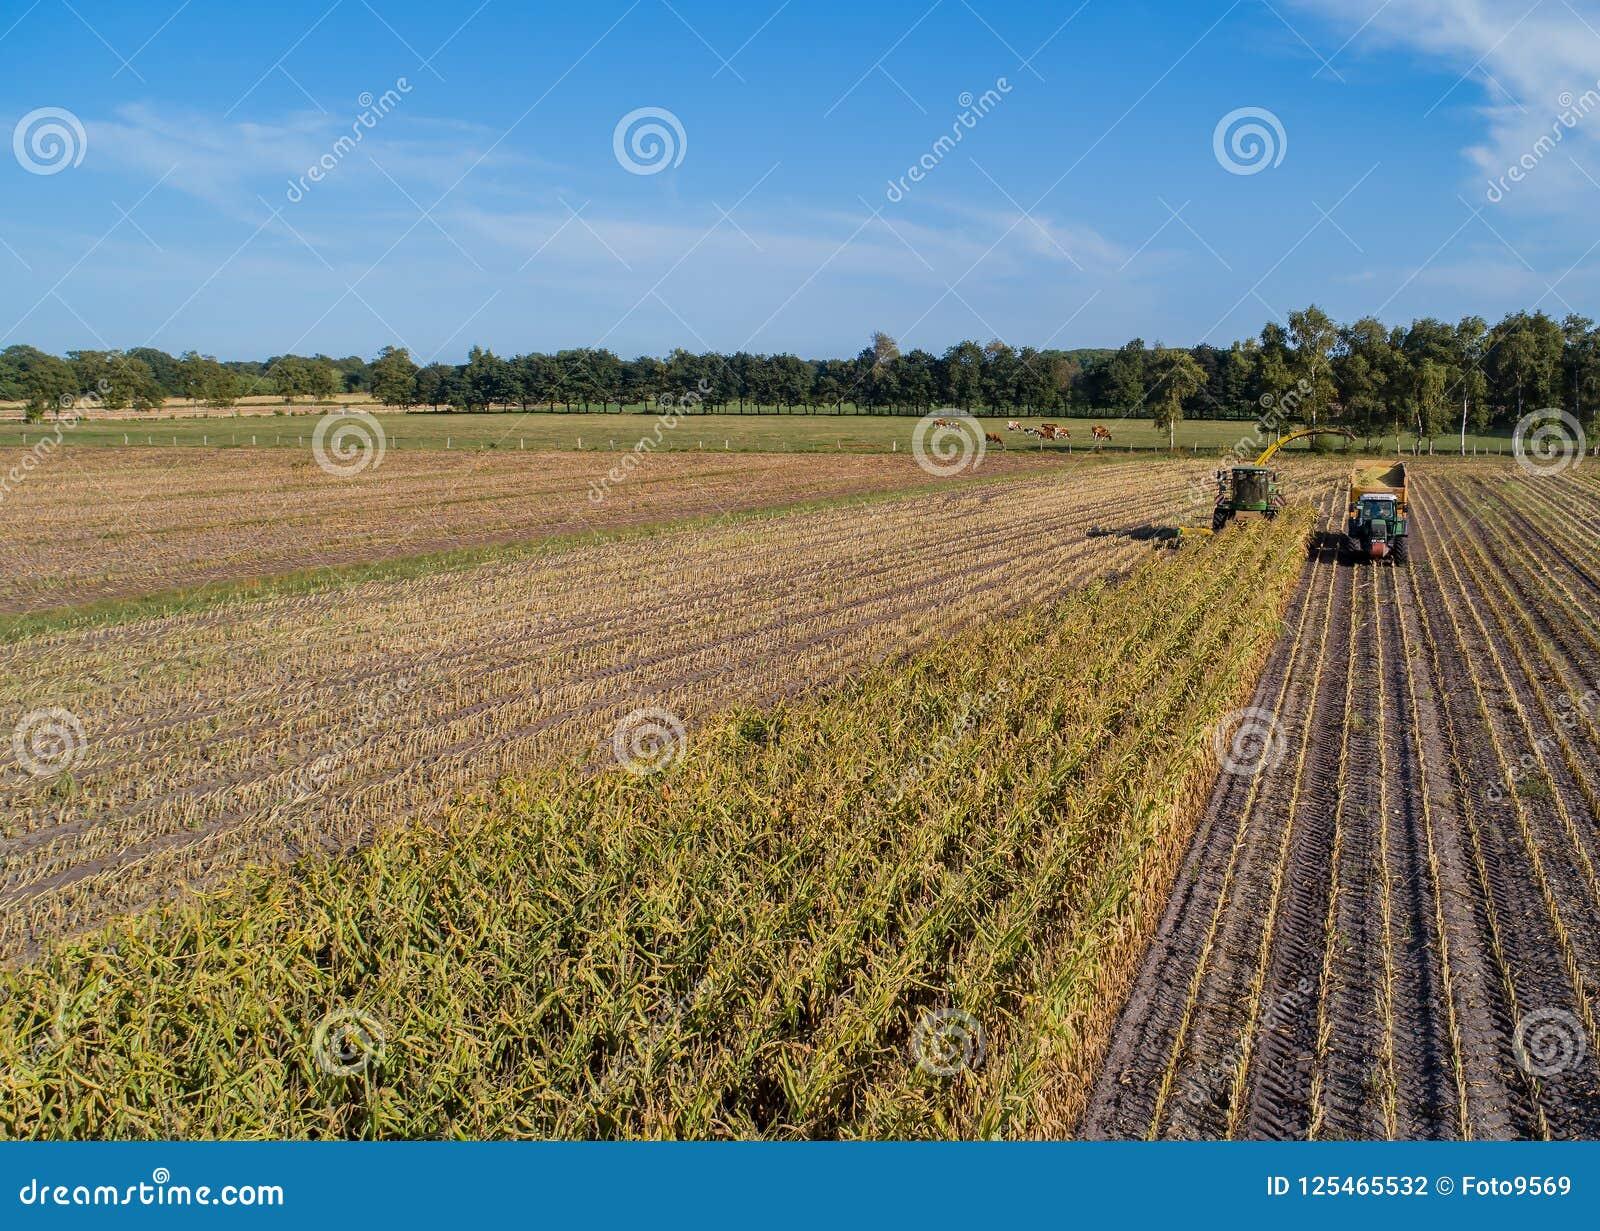 Hamburg, Deutschland - 4. September 2018: Maisernte, Maisfeldhäcksler in der Aktion, Ernte-LKW mit Traktor in Hamburg